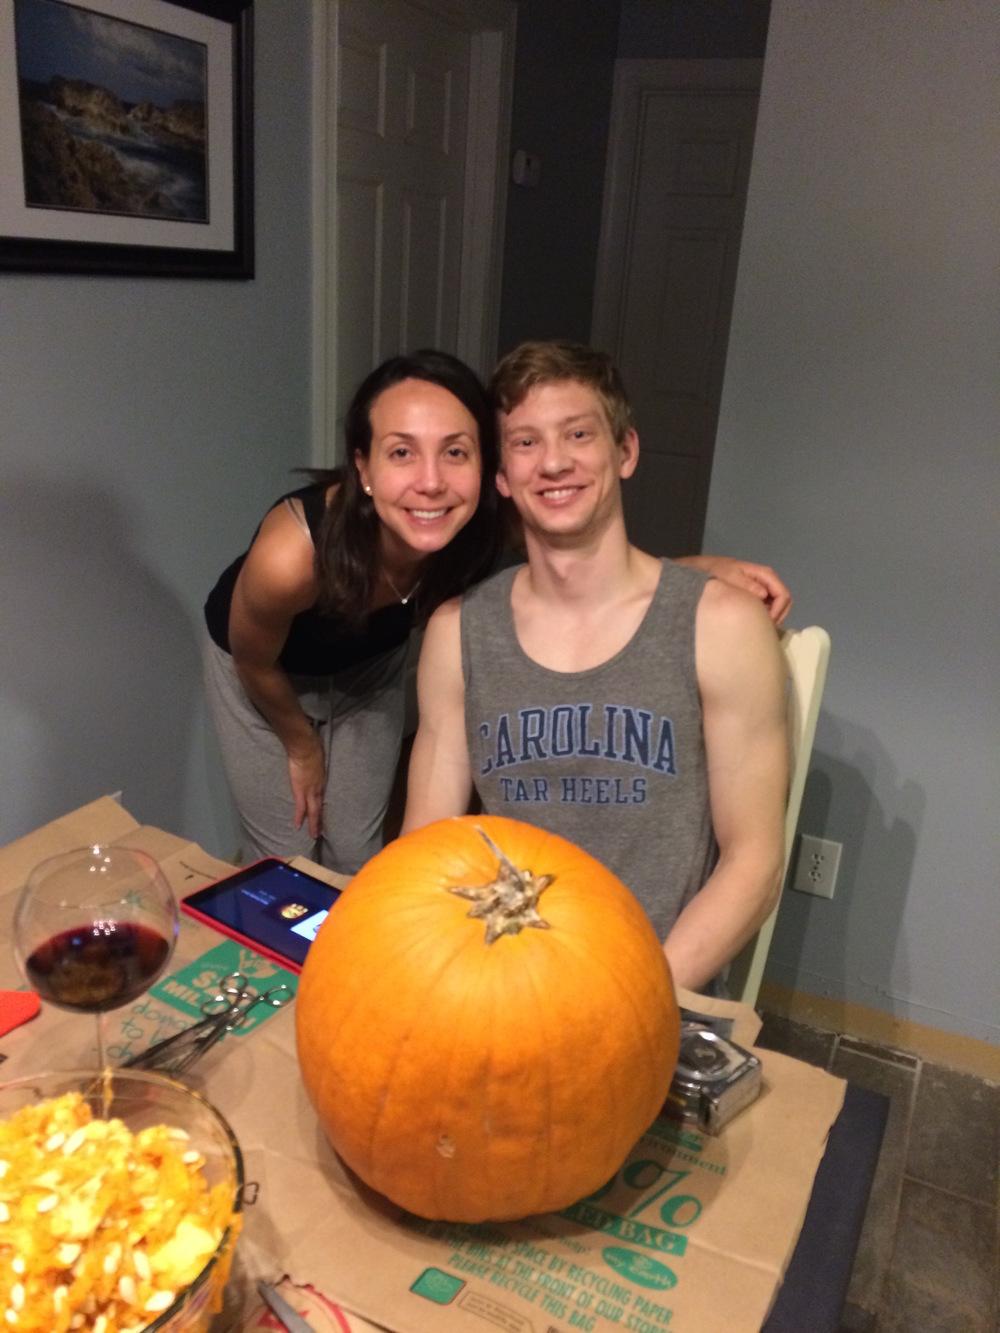 Caitlin and Paul